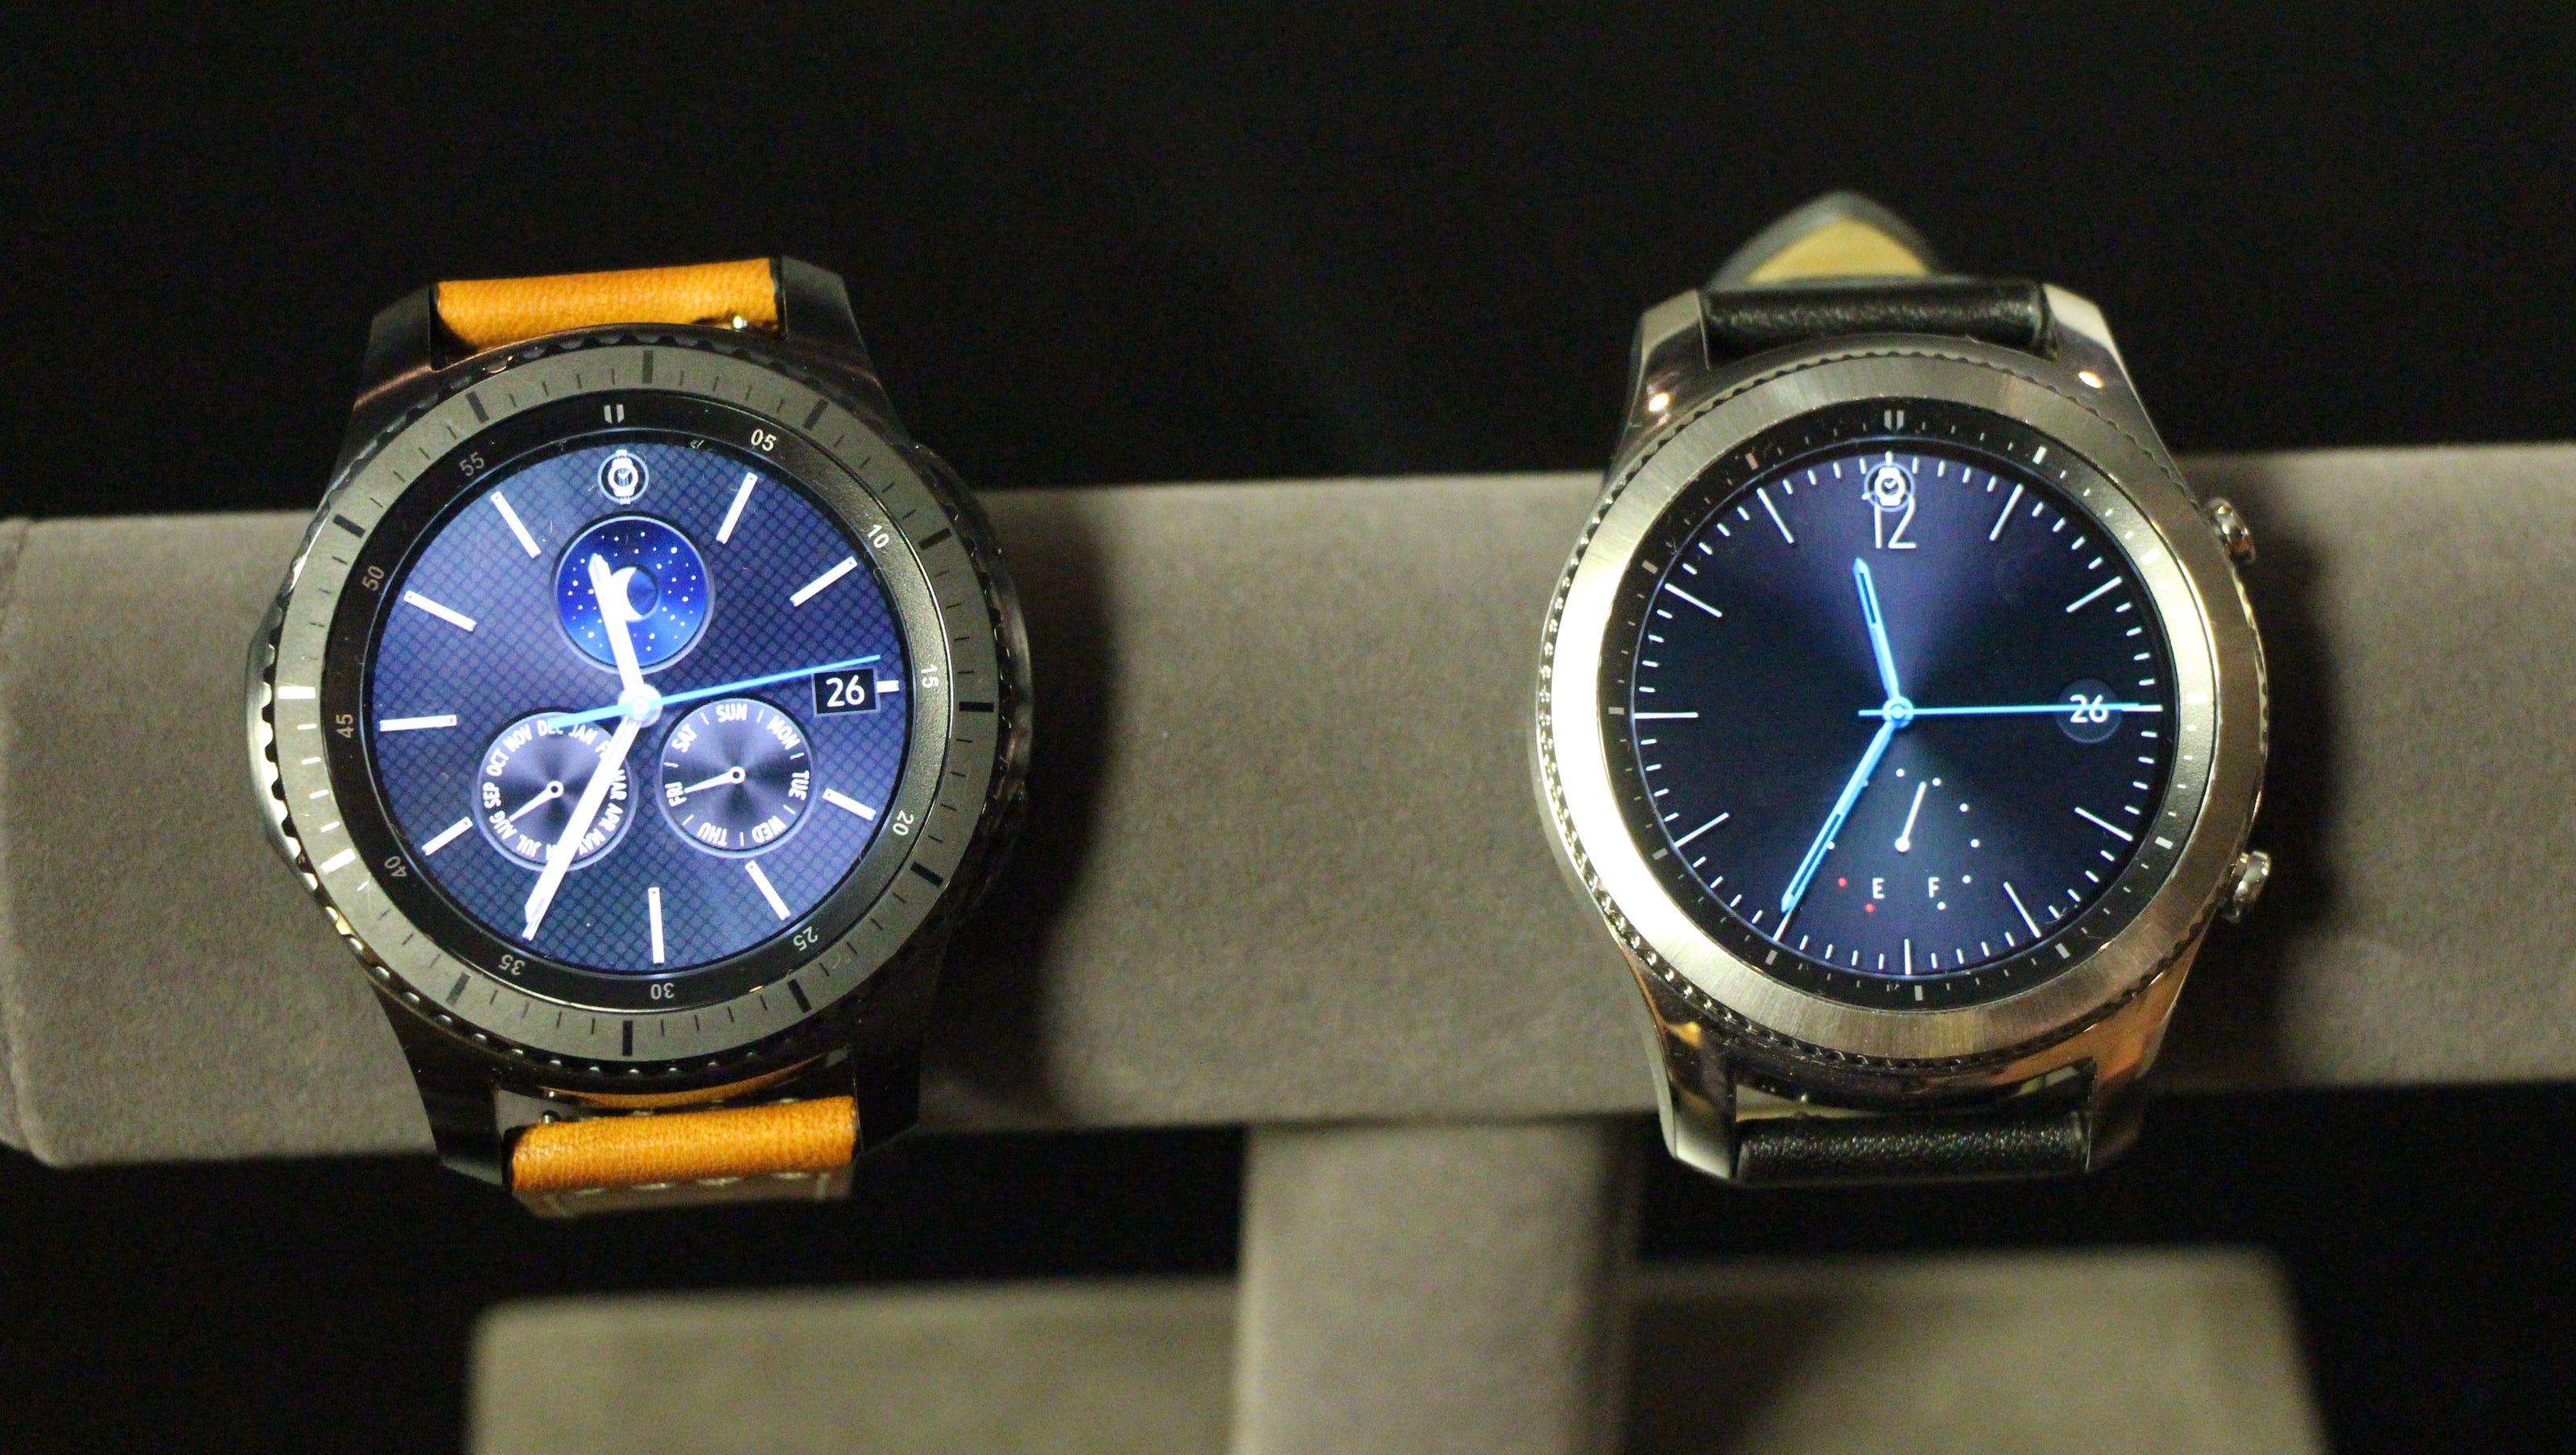 Samsung ticks forward with new Gear S3 smartwatch